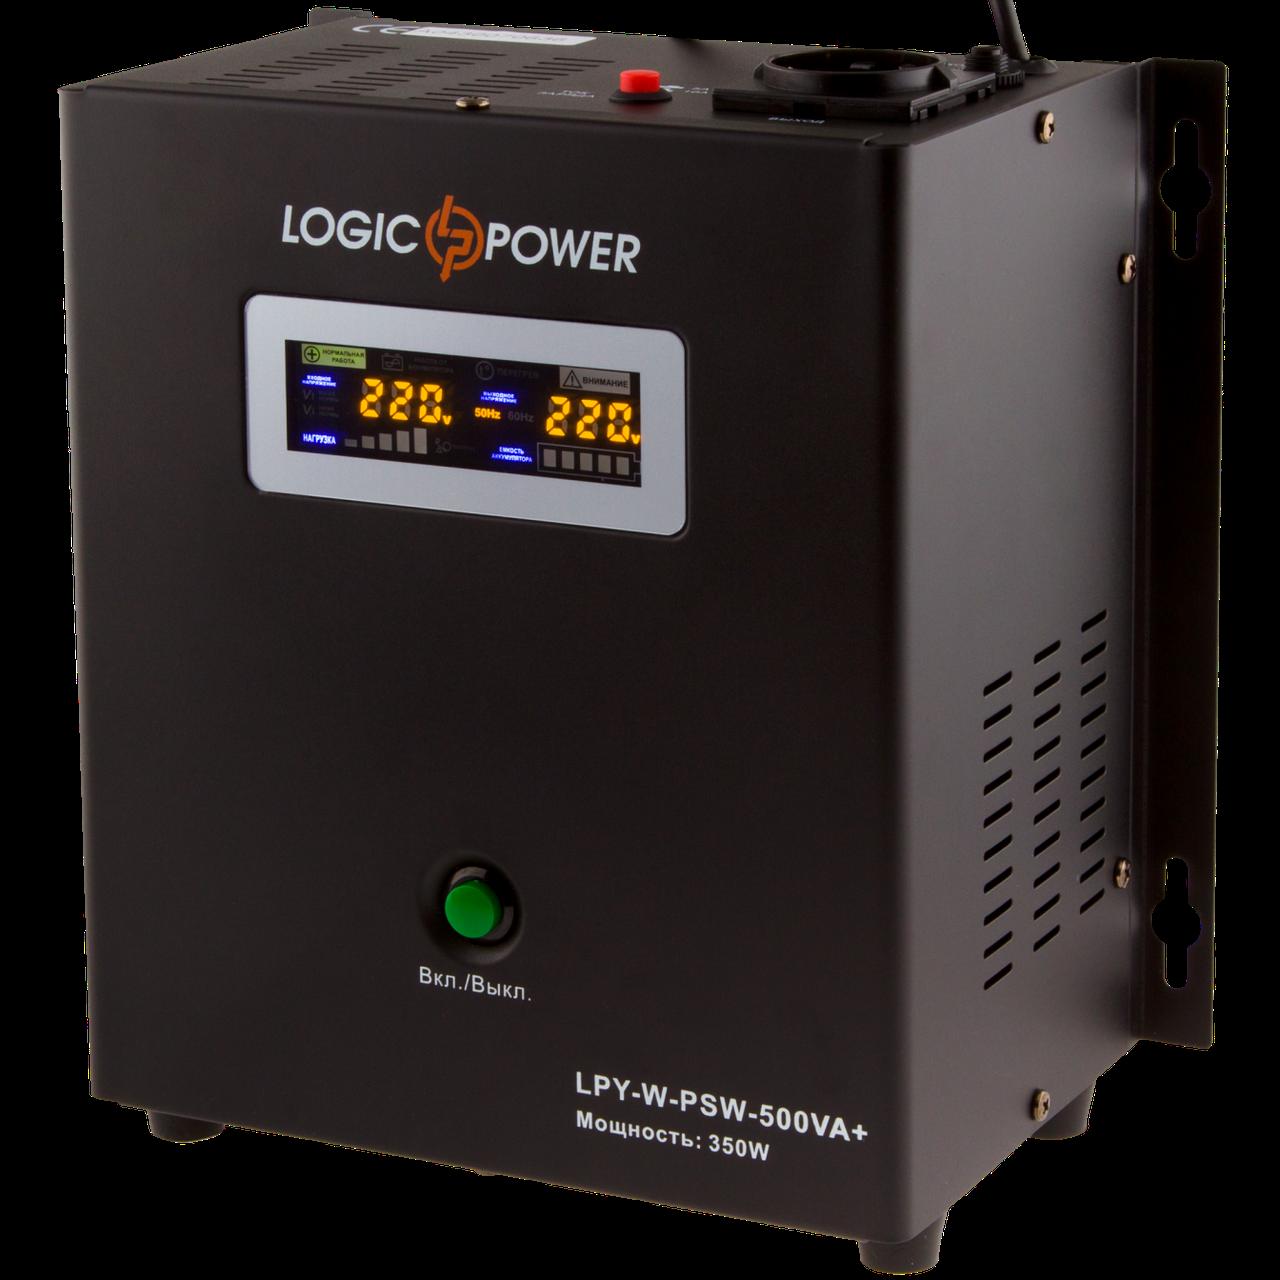 Logicpower LPY-W-PSW-500VA+ (350W) 5A/10A 12V